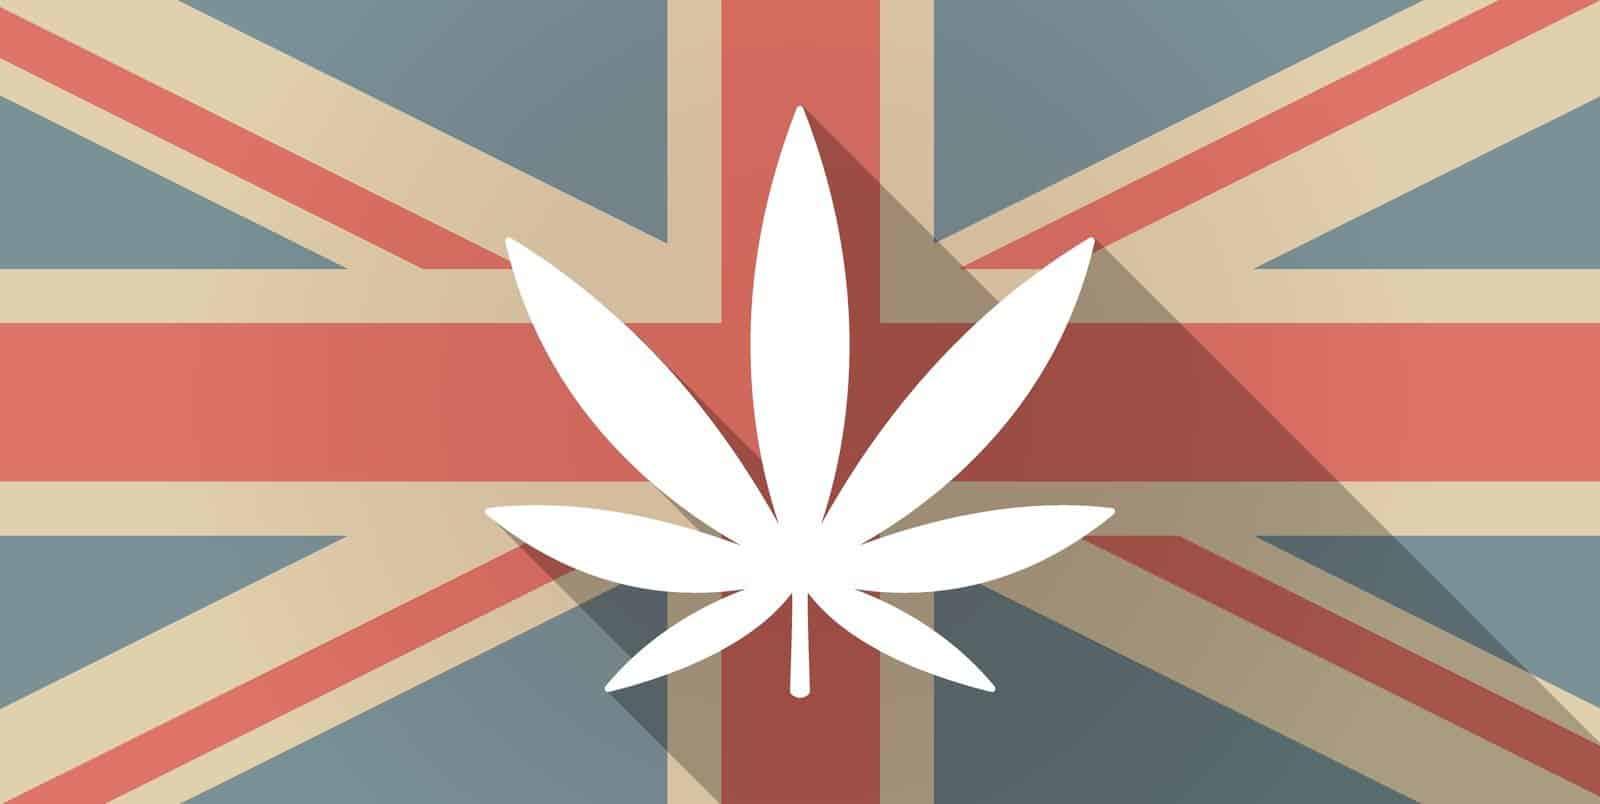 Medical marijuana legalization in UK. UK flag with marijuana leaf.